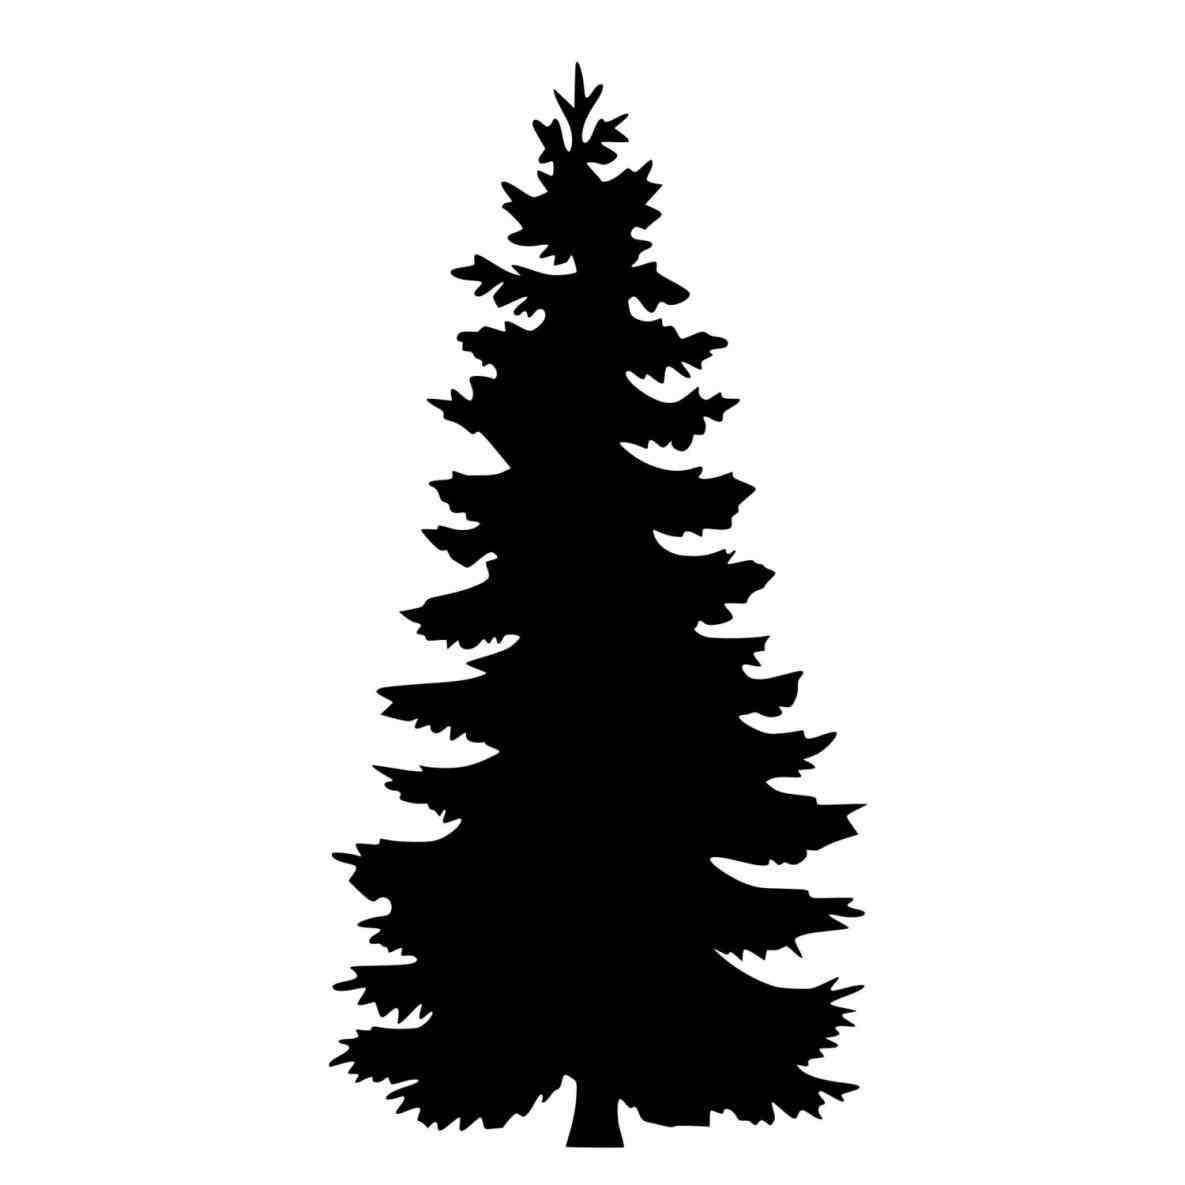 Cedar Tree Silhouette U203a .-cedar tree silhouette u203a .-0